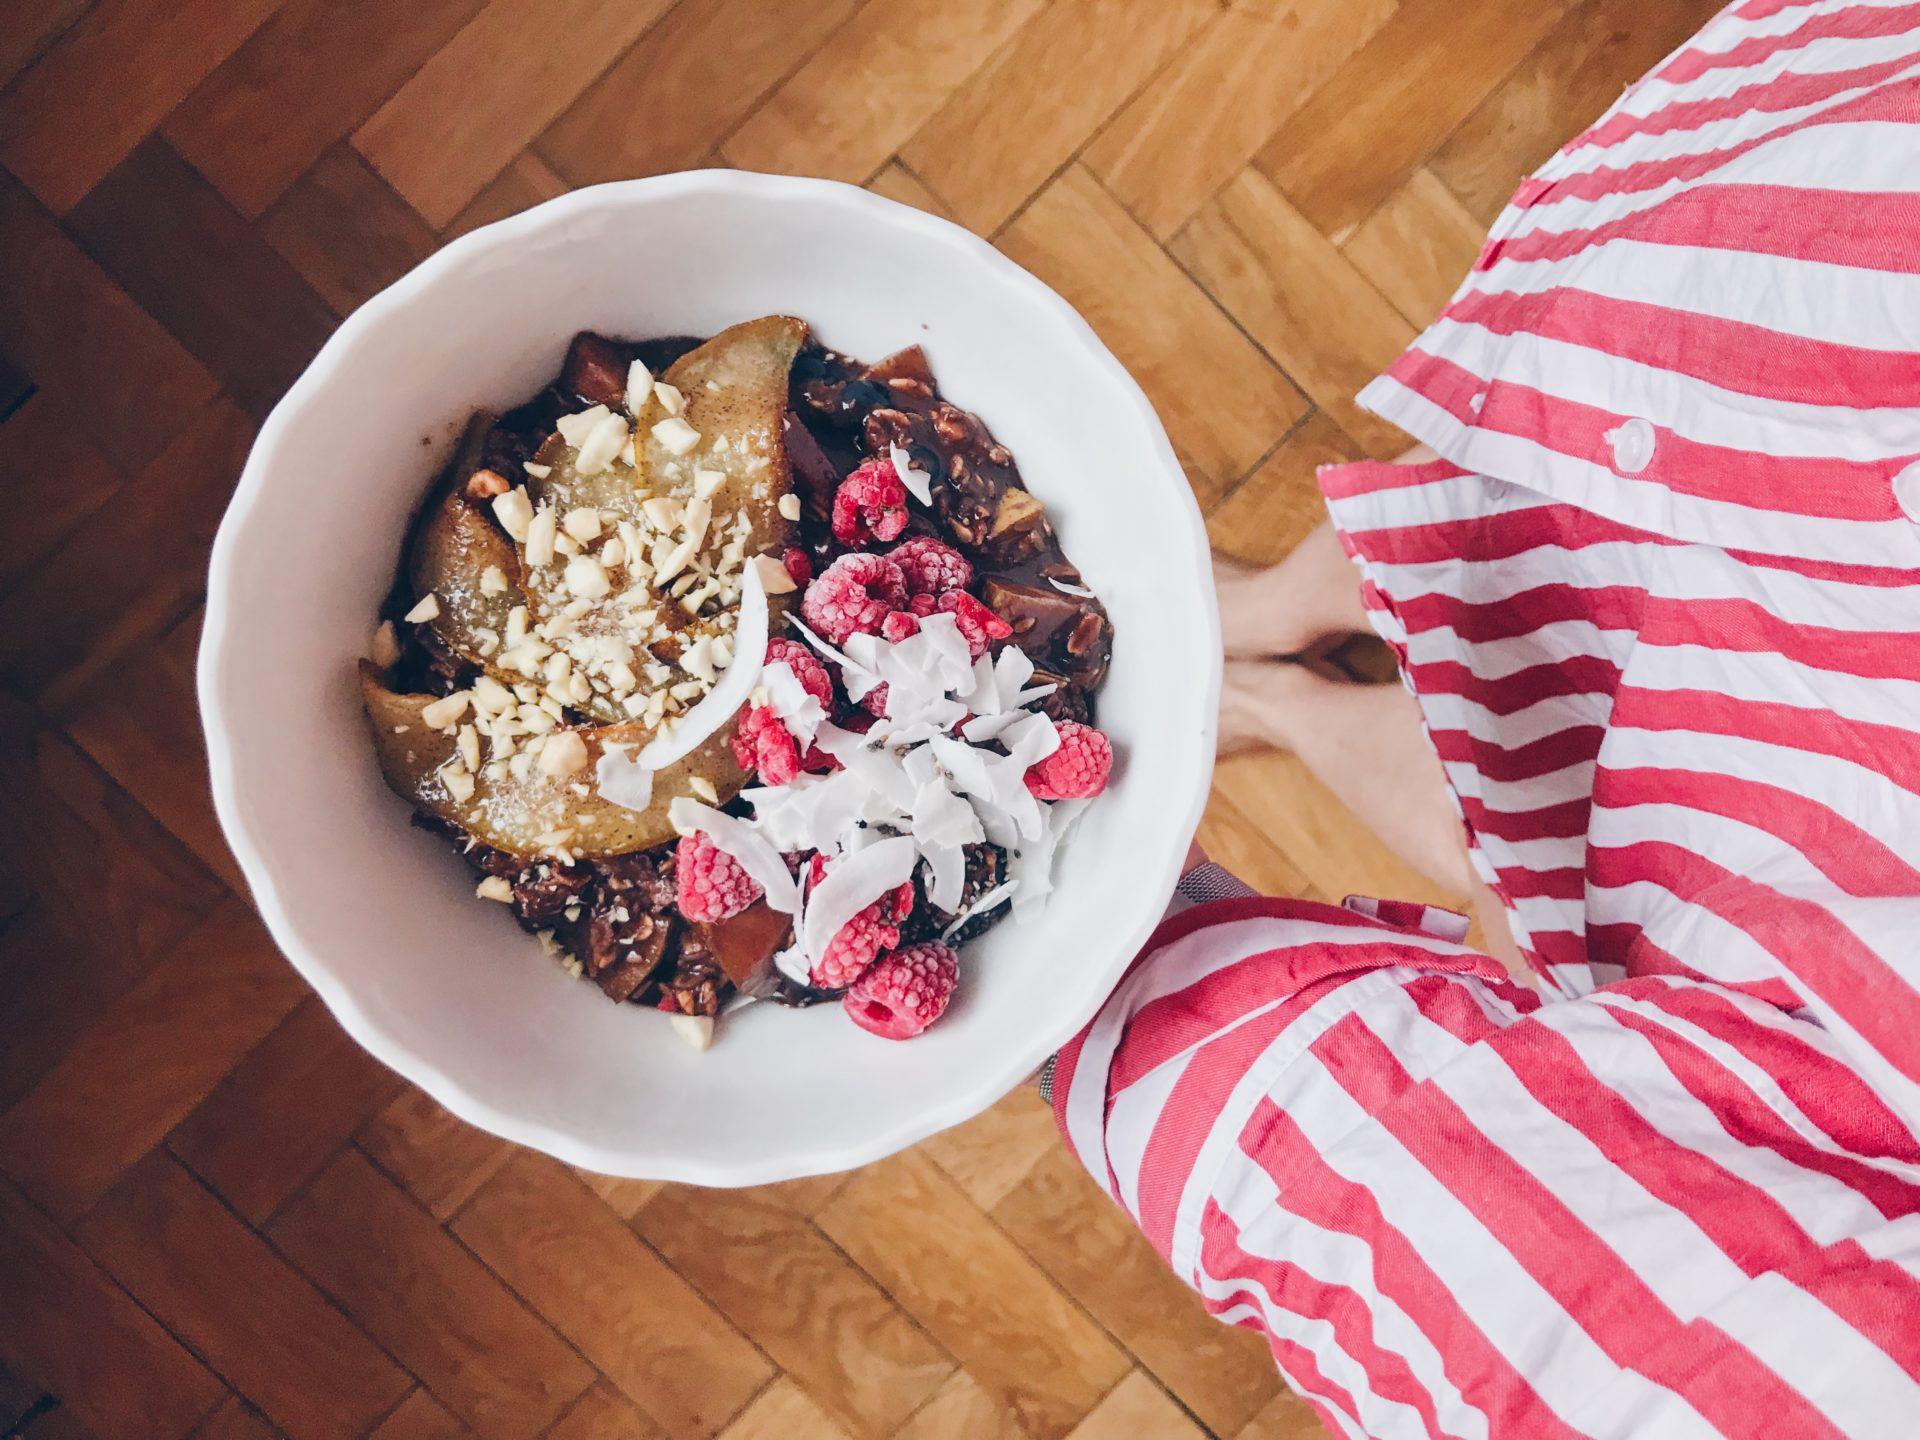 super potraviny, vločky, maliny, kaše, ráno, snídaně, pyžamo, vstávání, únava, odpočinek